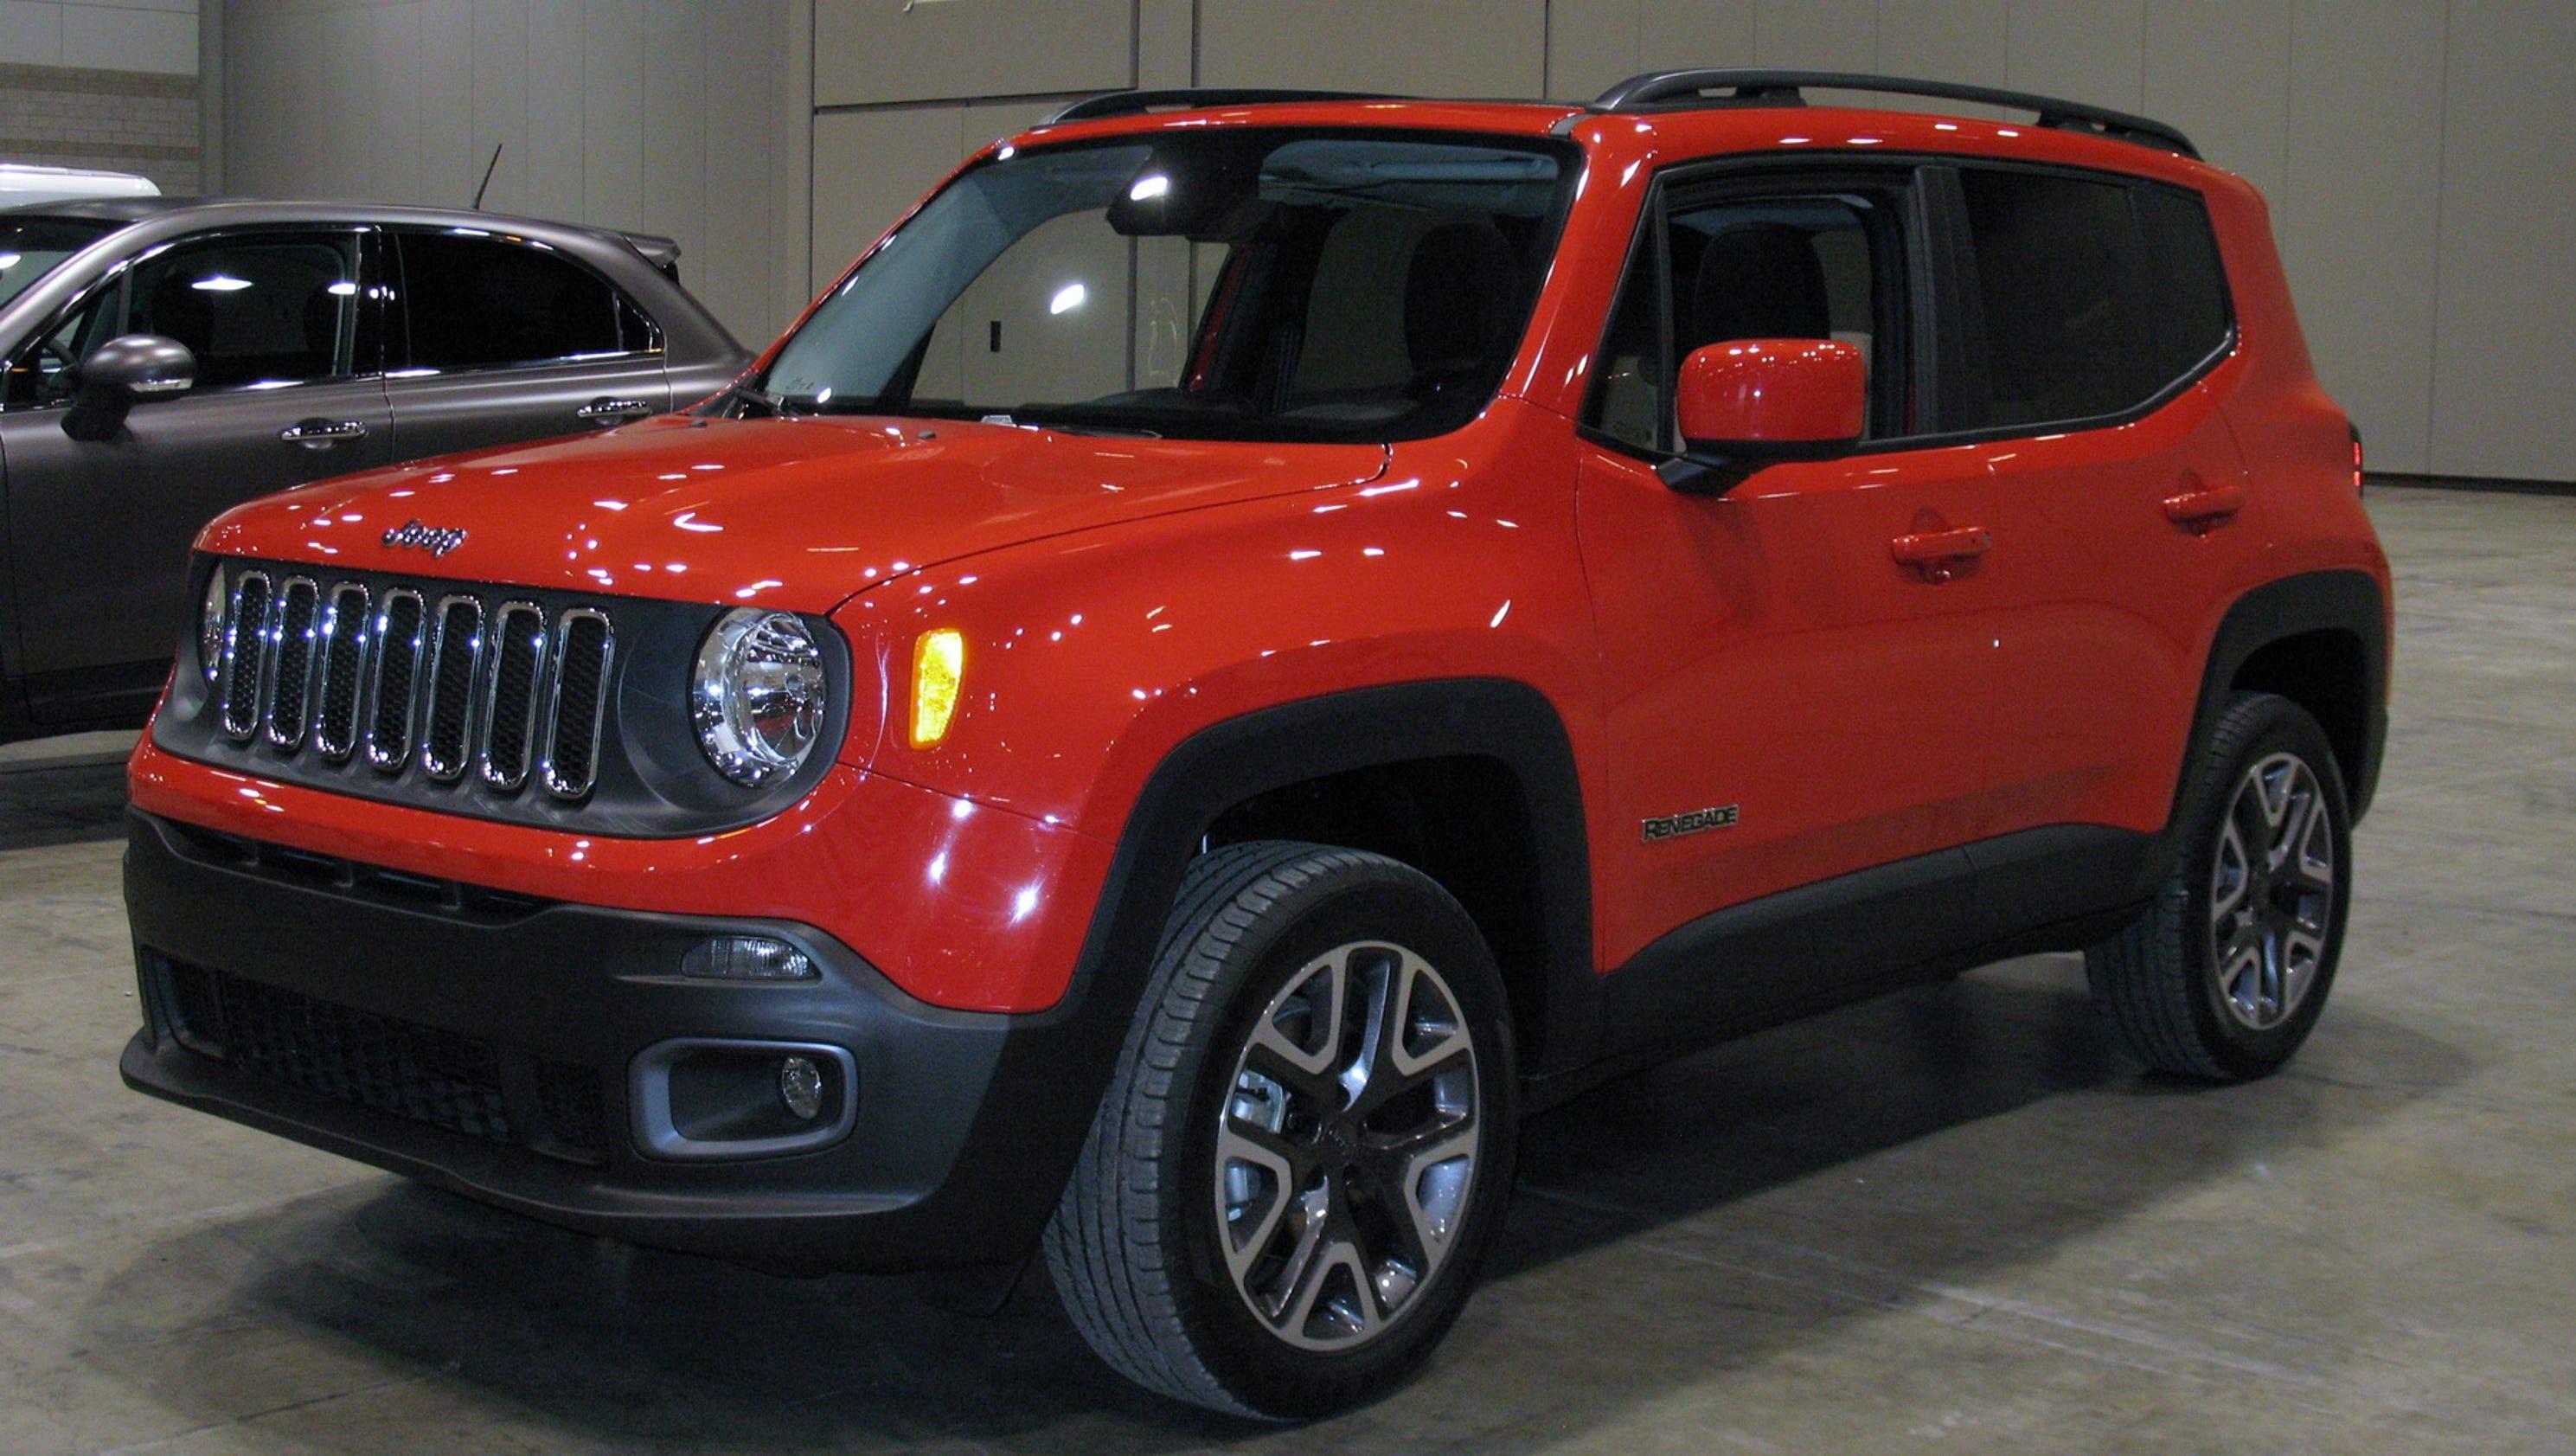 disfrutar garage latino one y word para automovil trailhawk tu cuidar el renegade cute jeep new portal